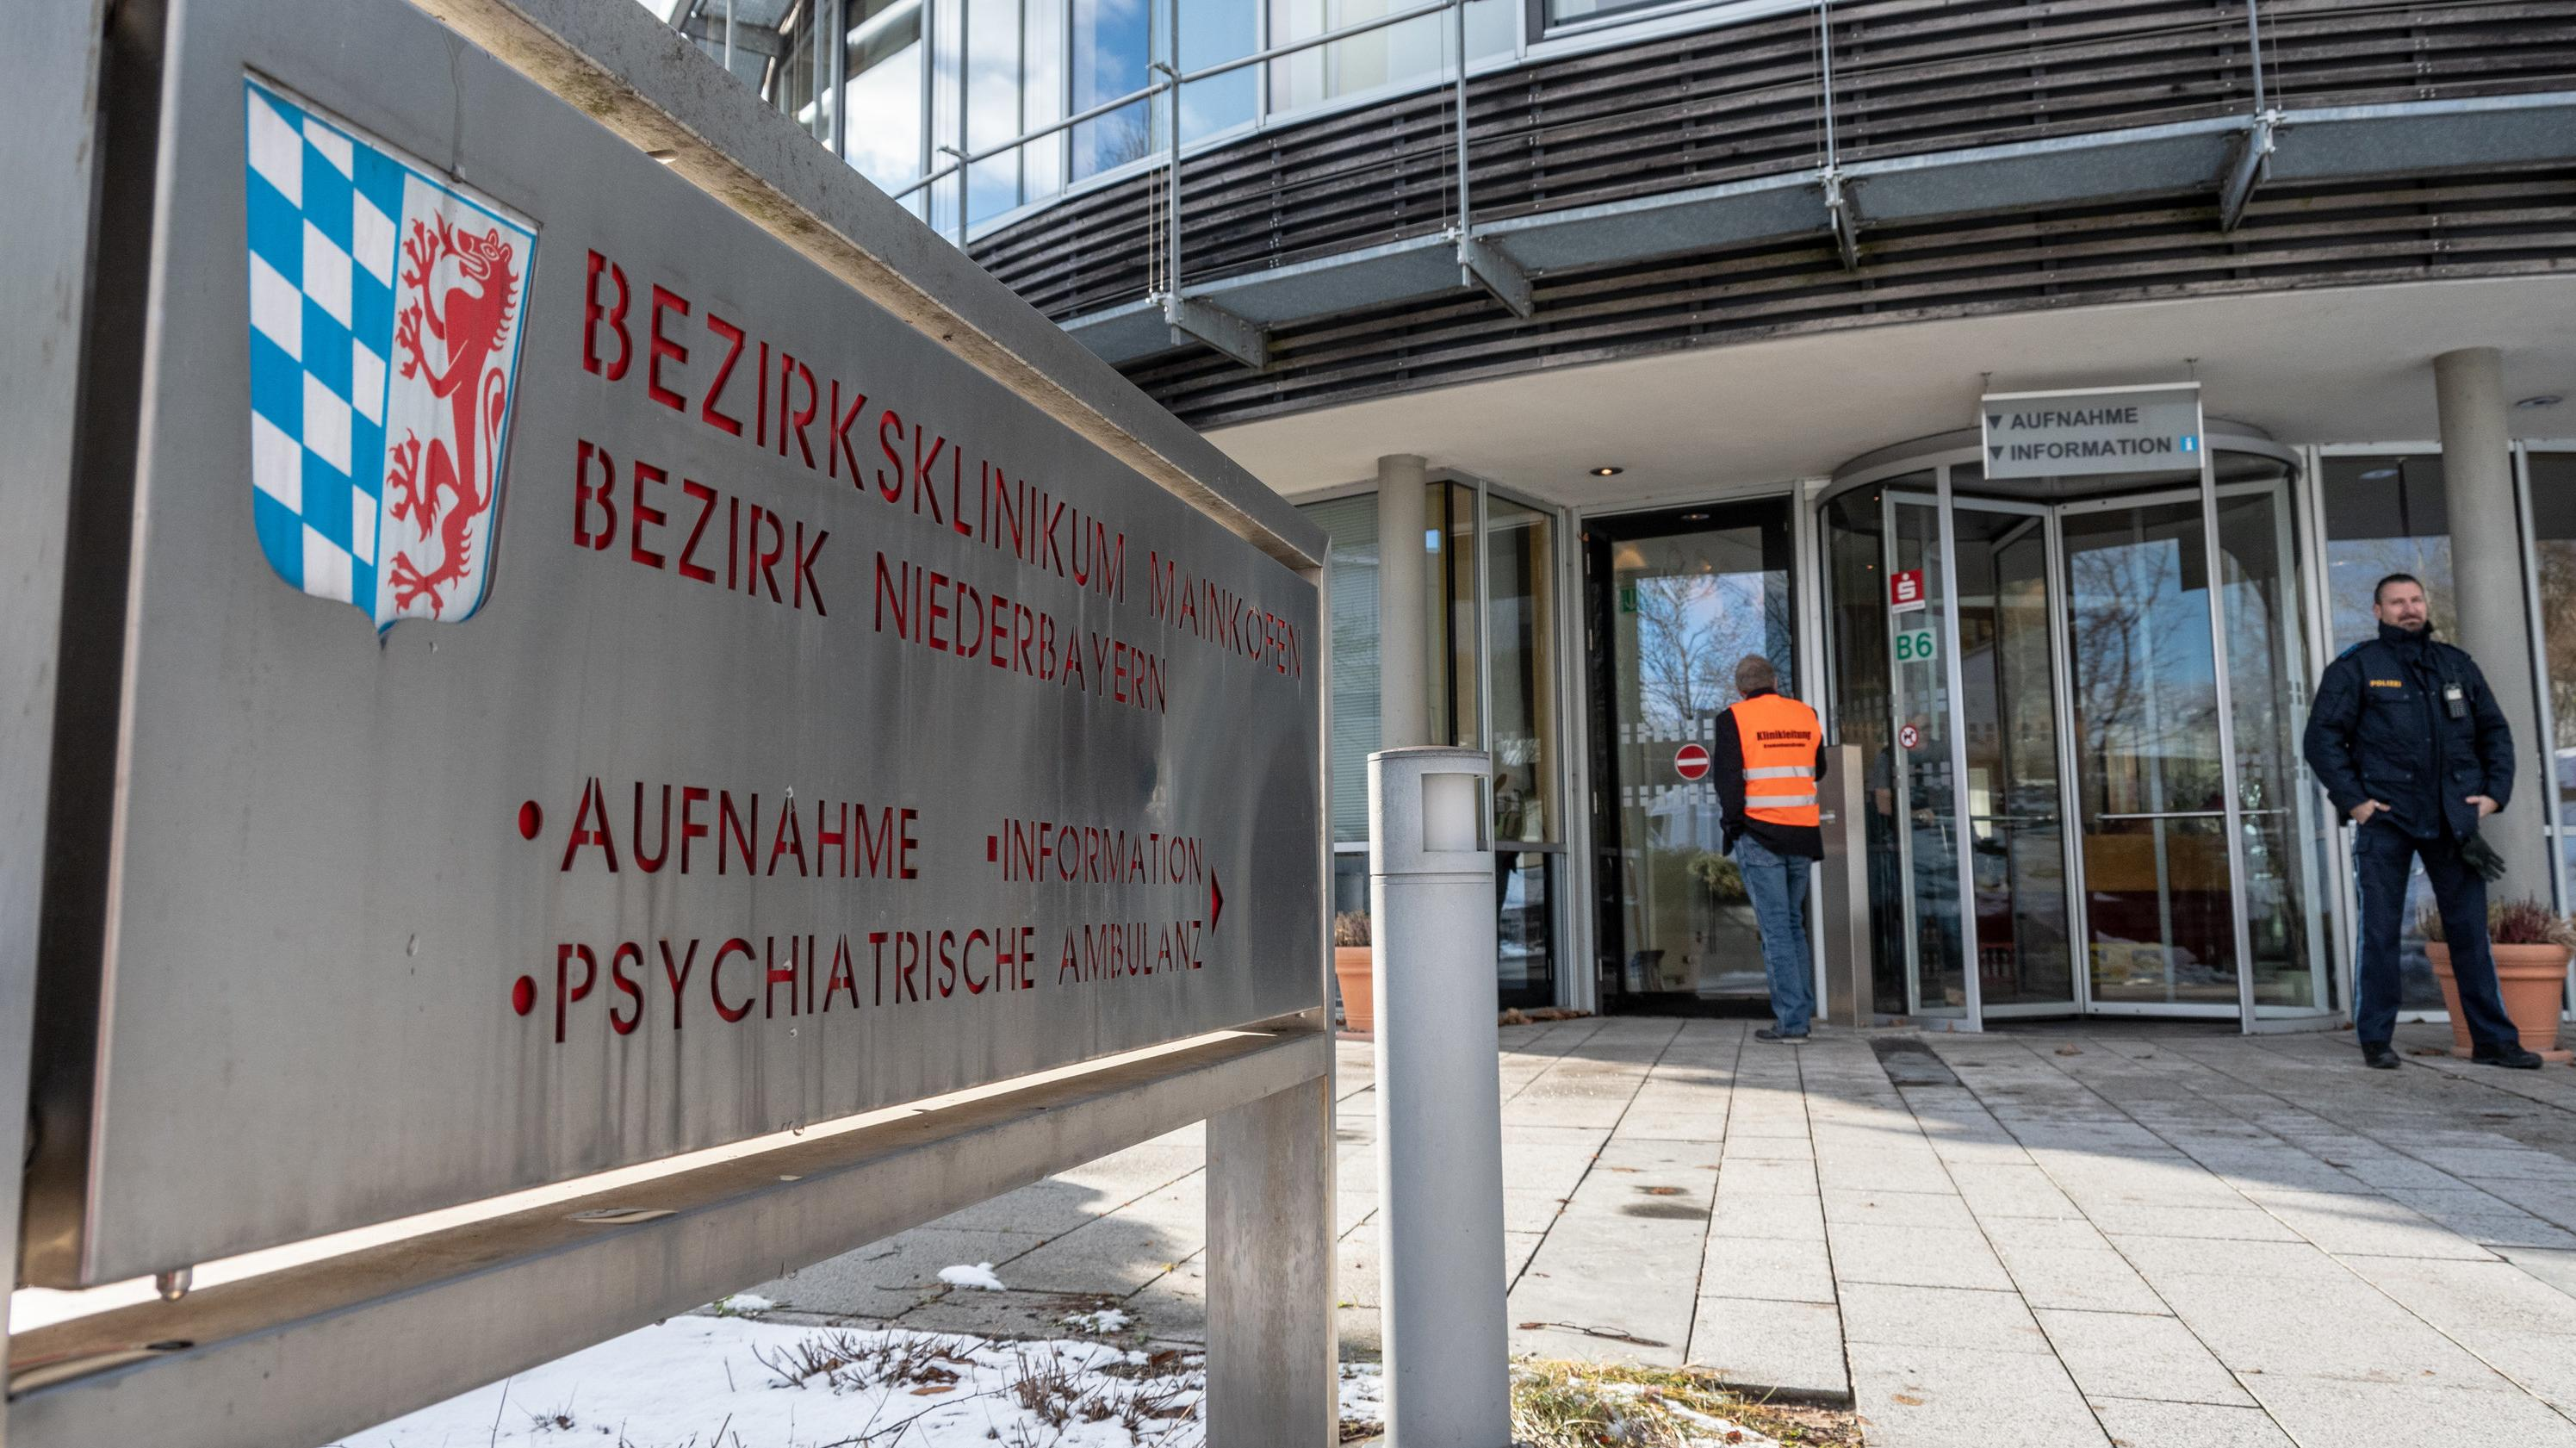 Ein Polizist steht vor dem Eingang des Bezirksklinikums Mainkofen (Lkr. Deggendorf)